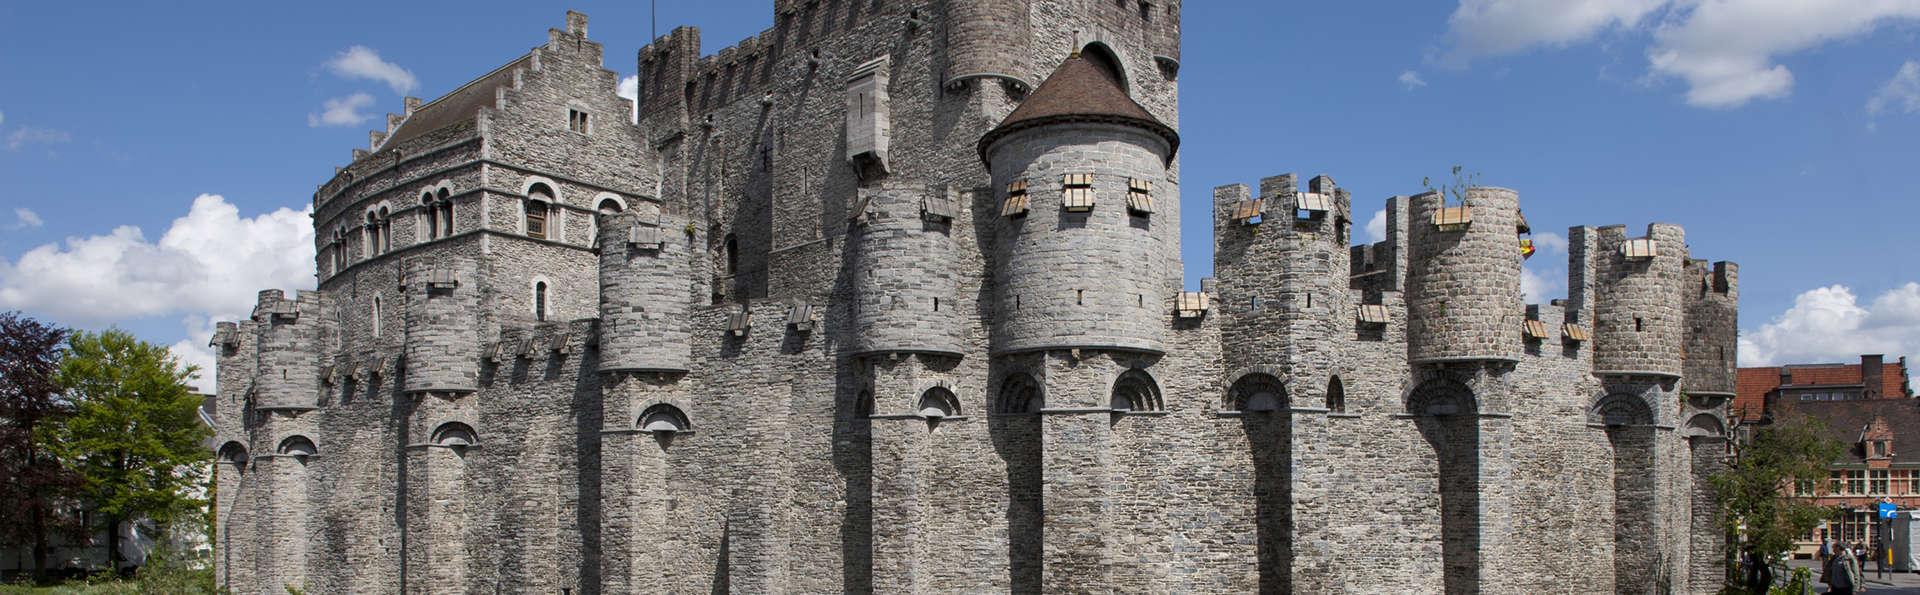 Visitez le Château des comtes de Flandre